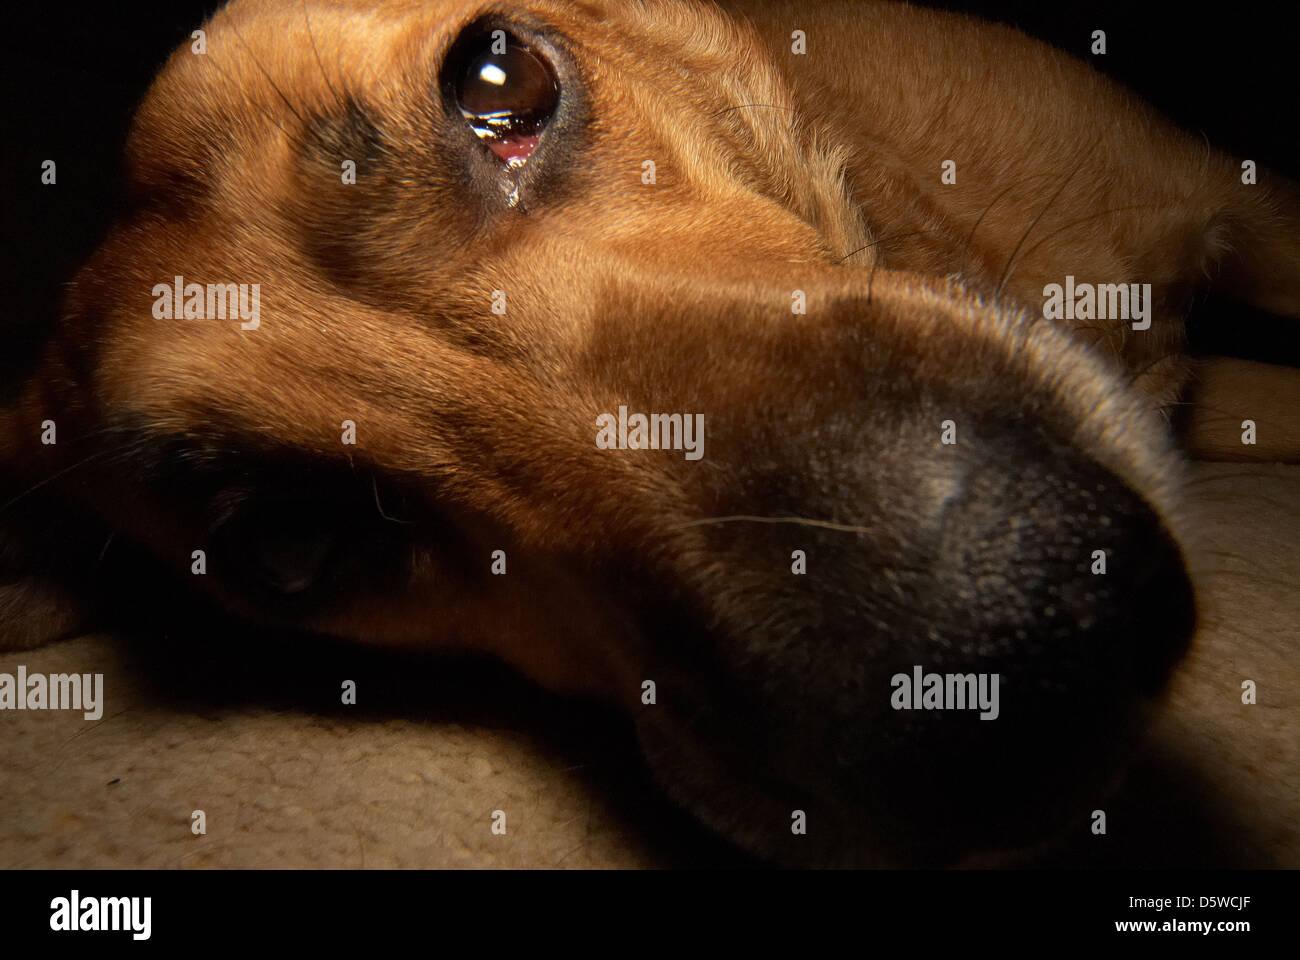 Photograph of a sad faced Labrador dog Stock Photo